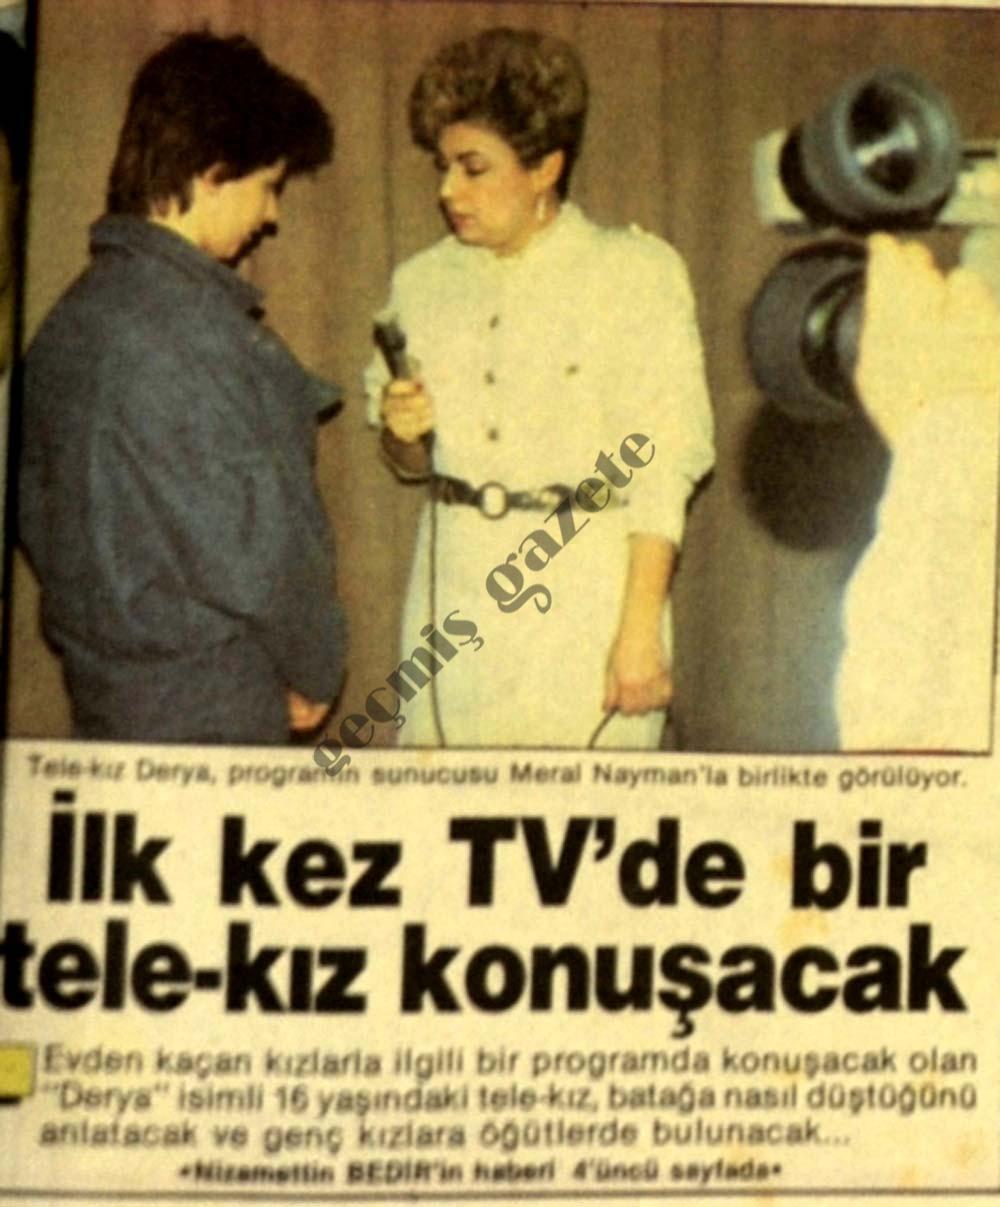 İl kez TV'de bir tele-kız konuşacak